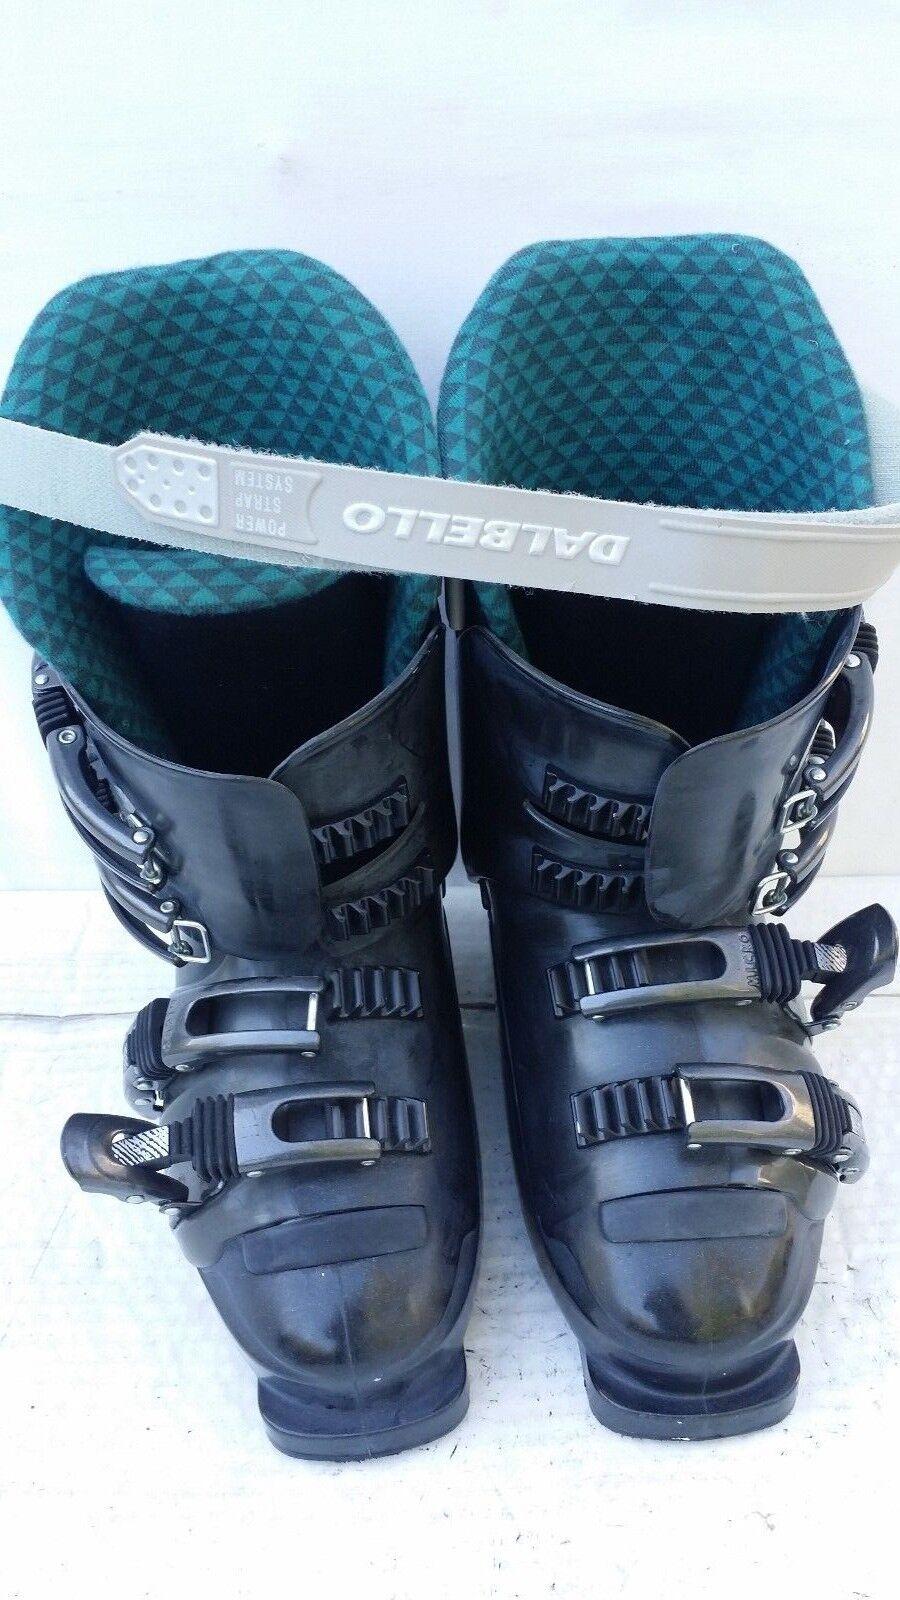 Dalbello Downhill Skiing Boots MX 82 Size 220 245